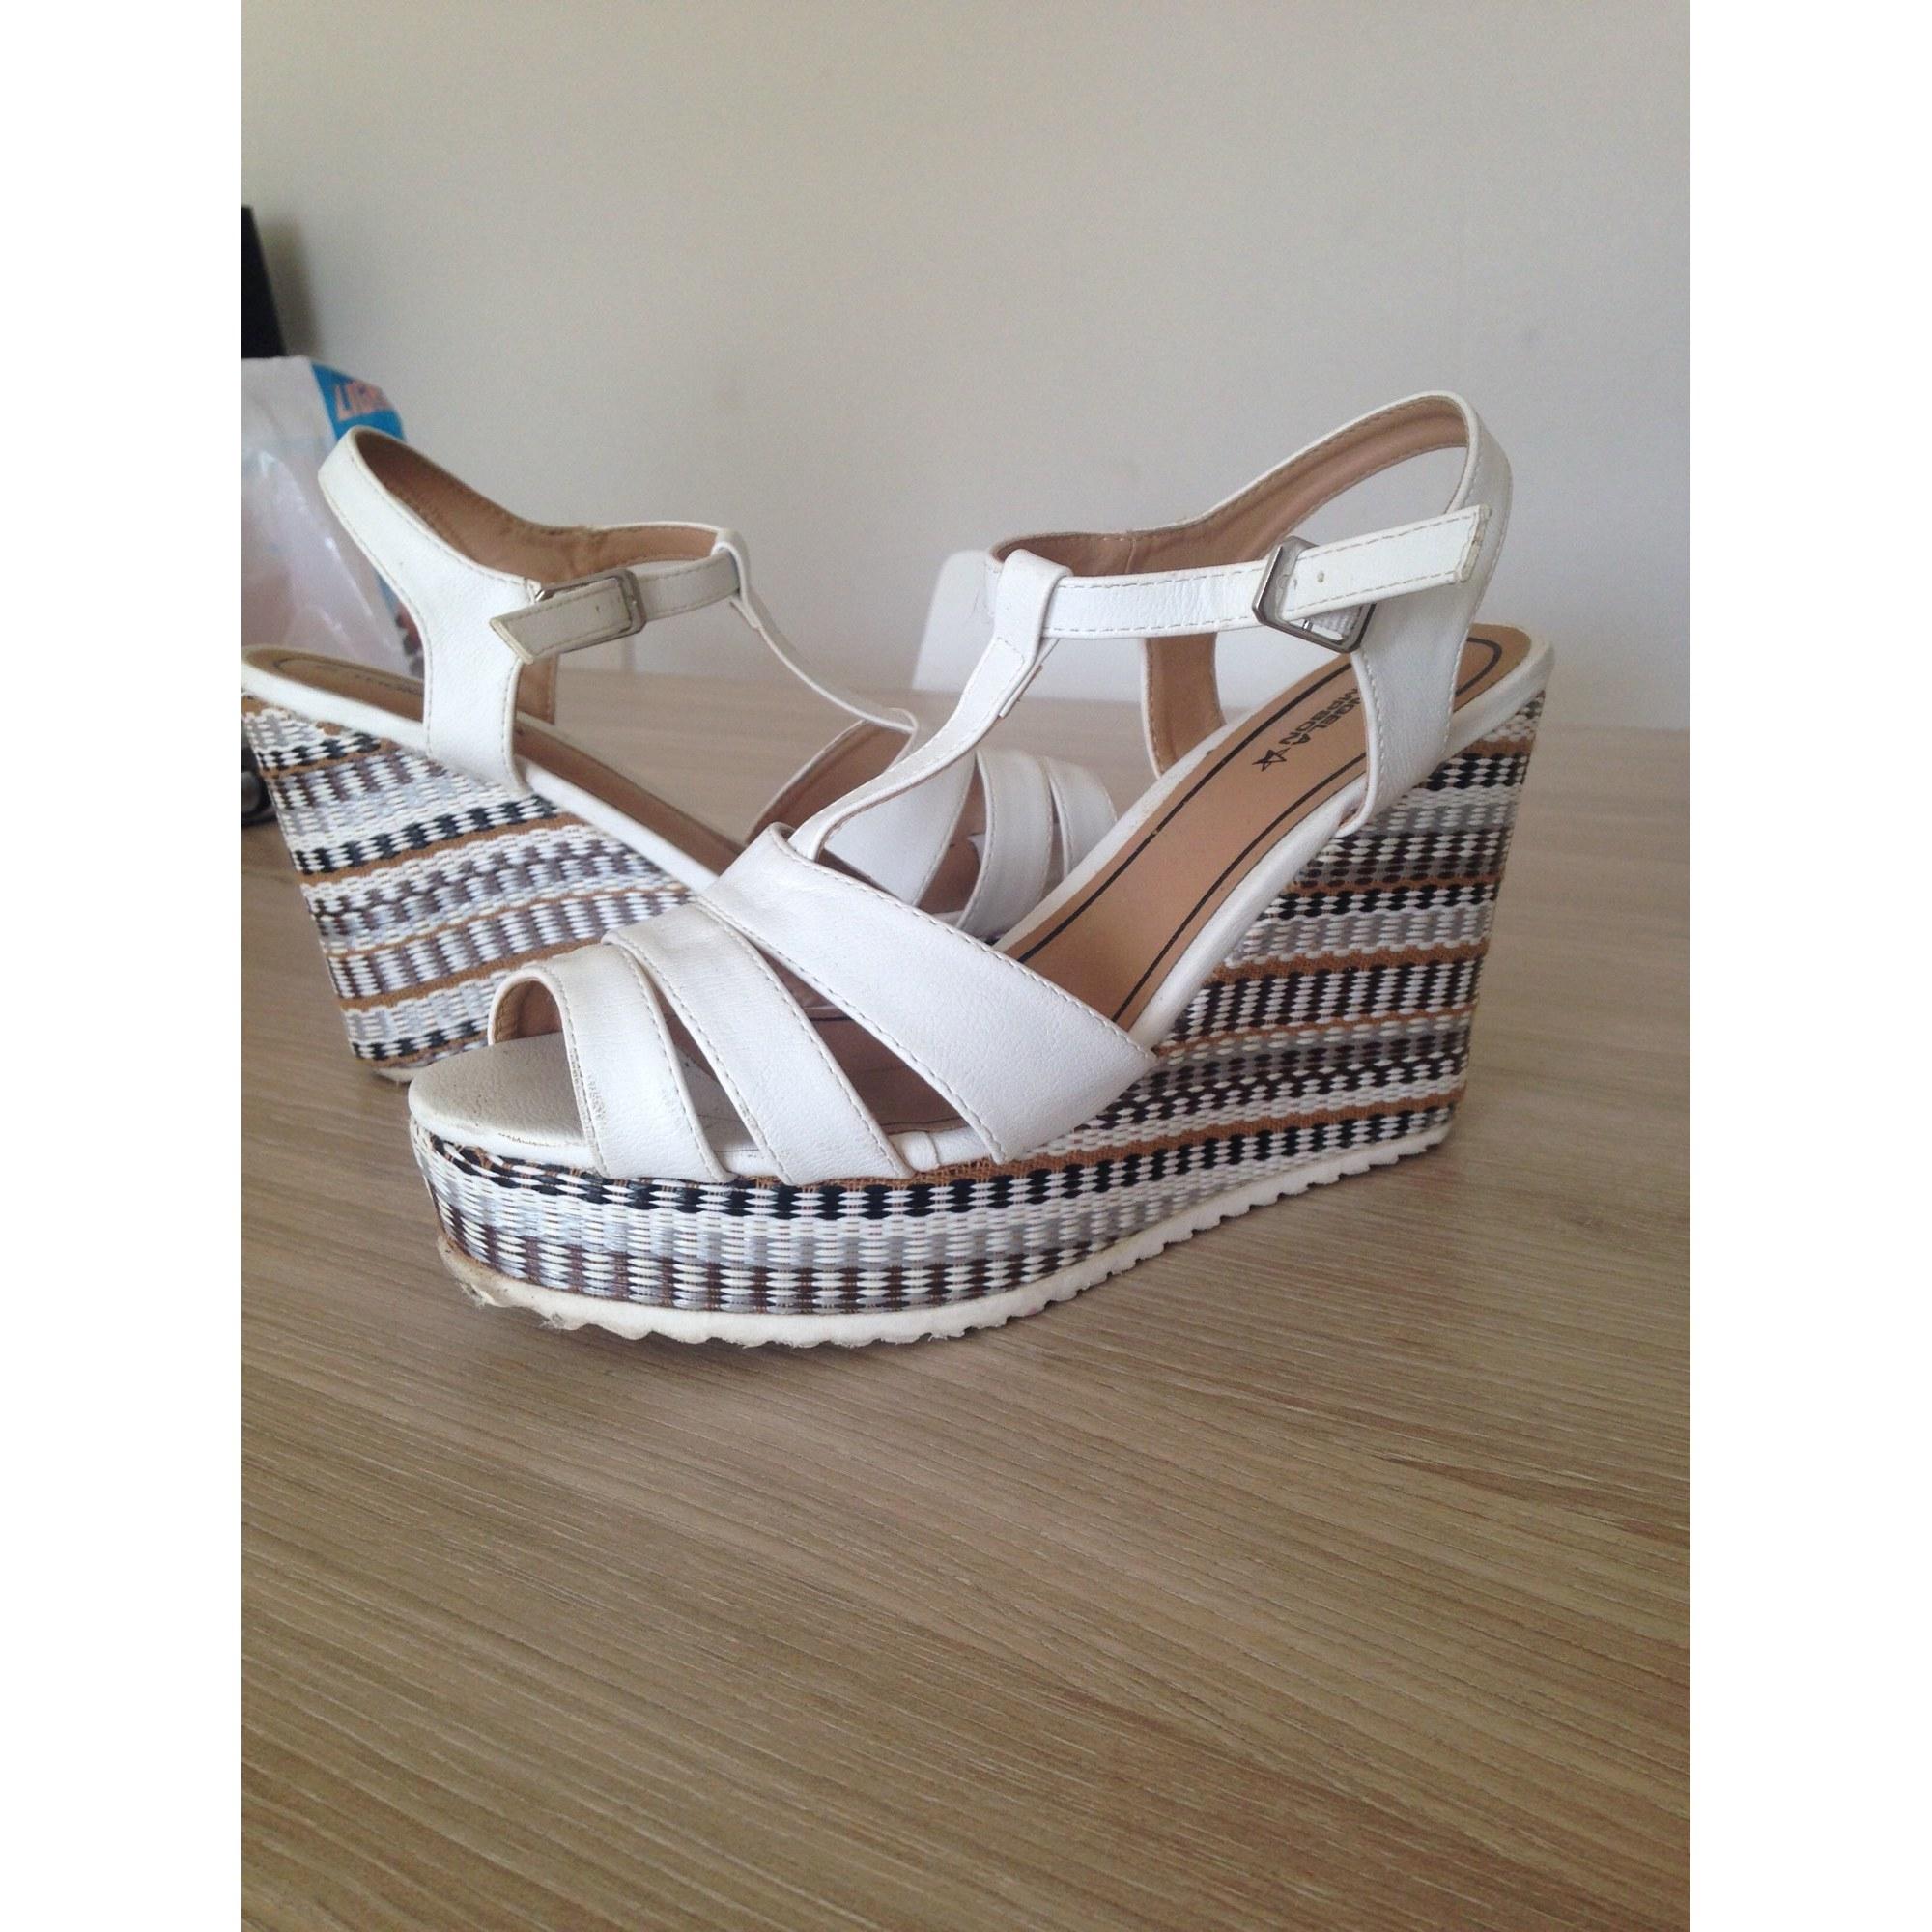 Sandales 40 Compensées Chaussea Blanc 7882586 Psqugmlzv E2IDeYHW9